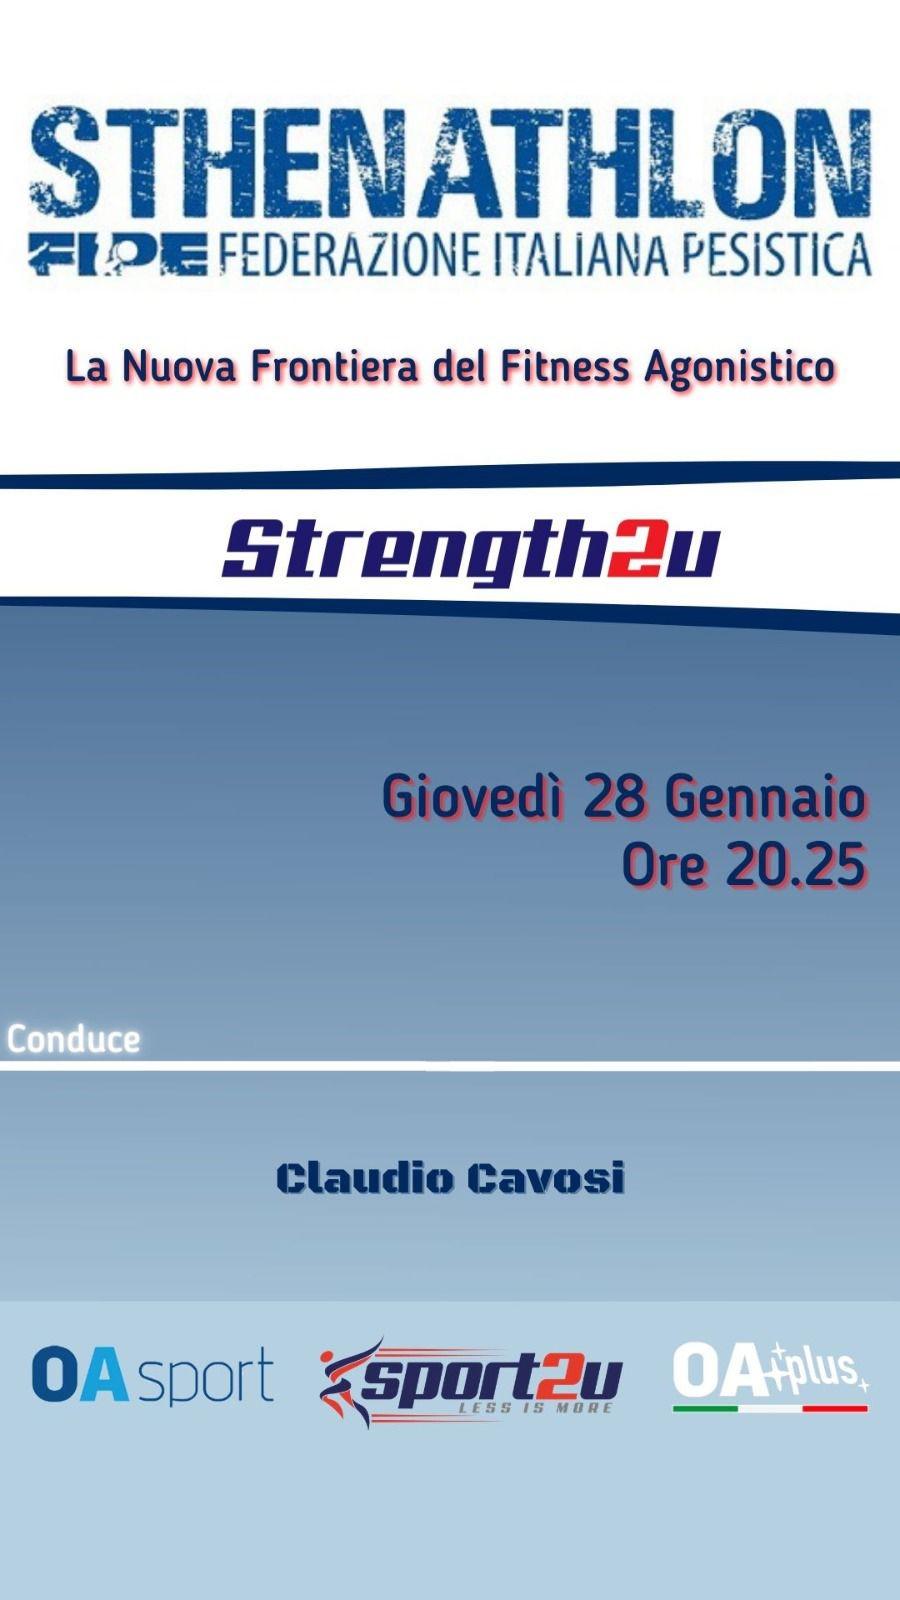 Nuova puntata di Strength2U in onda giovedì 27 gennaio alle 20.25 dedicata allo #sthenathlon